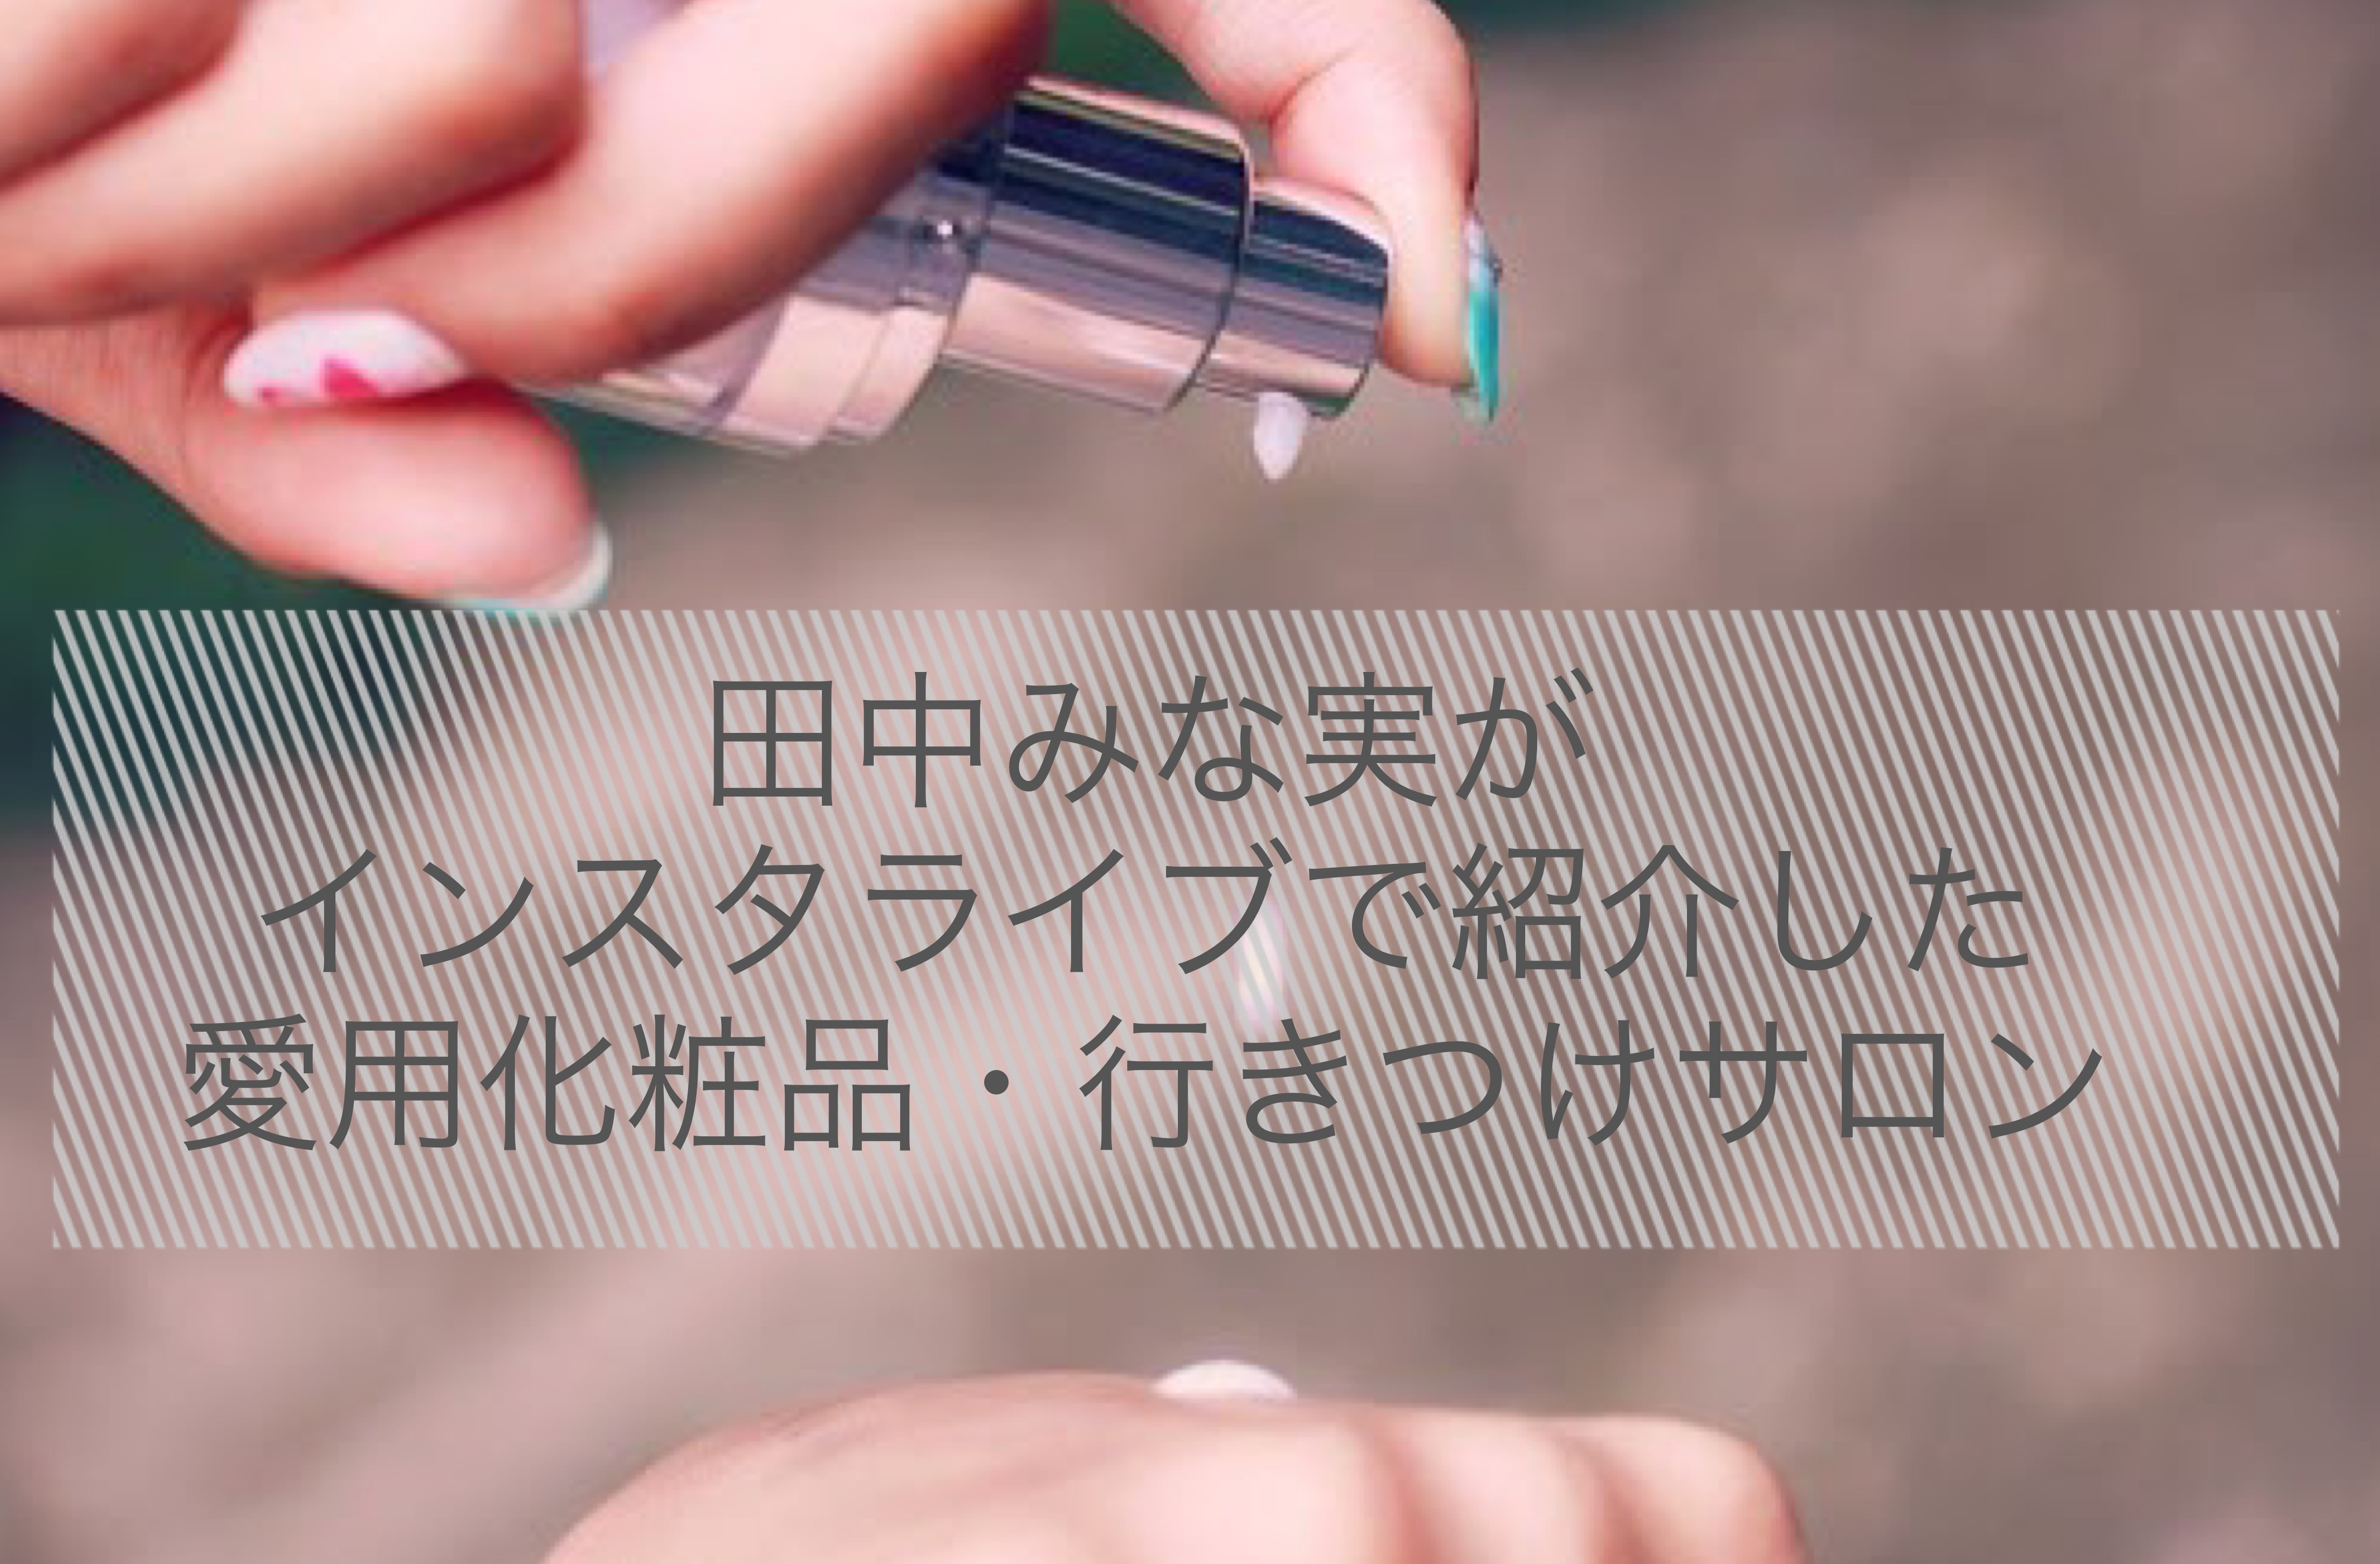 田中 みな 実 の 化粧品